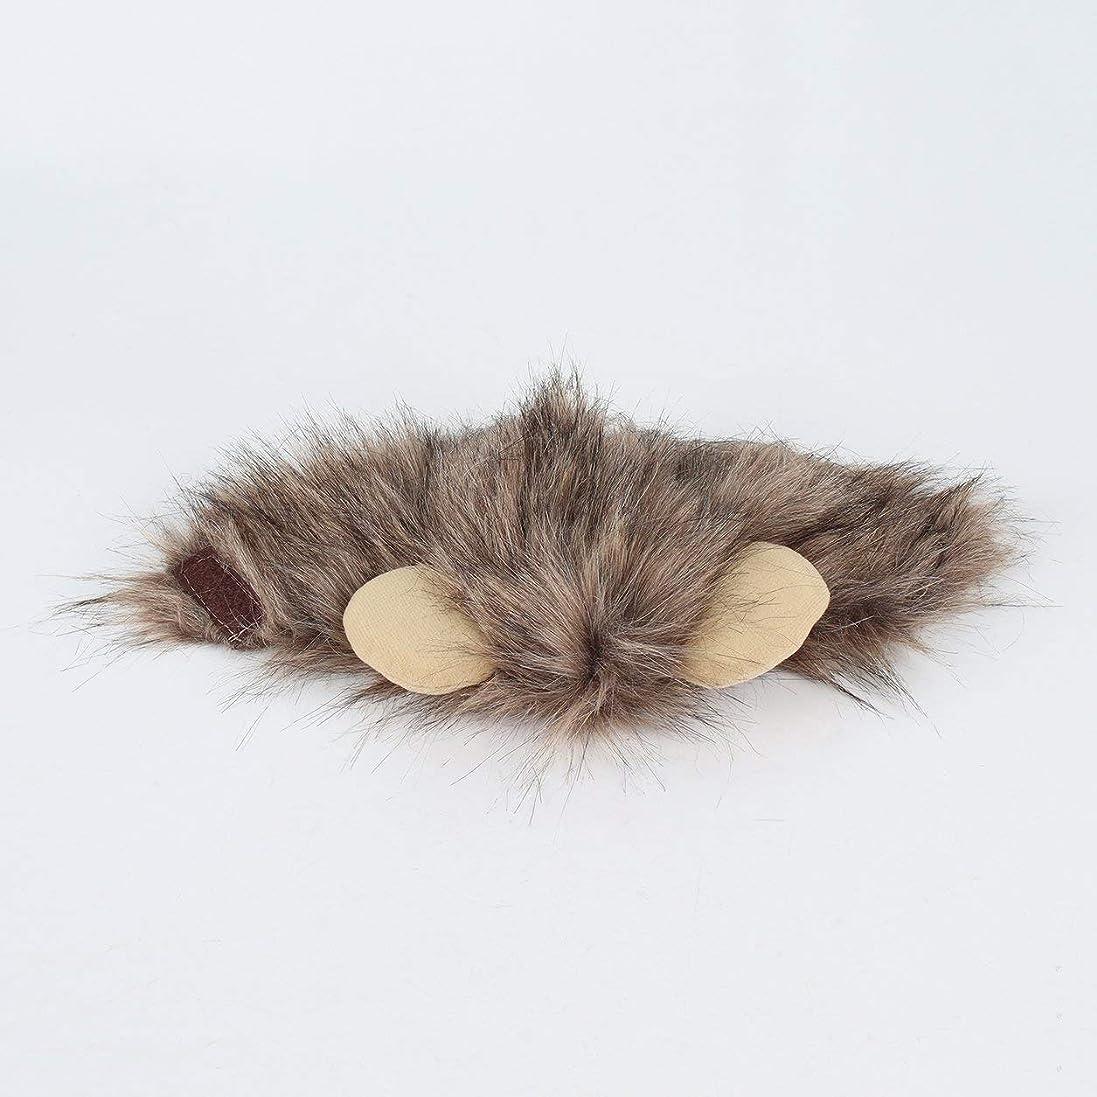 麻酔薬古い滑るSaikogoods おかしいかわいいペットキャップコスプレライオンの形の帽子後背位キティライオンハット快適なキャットハットソフト子犬ウィッグ通気性のアニマルキャップ 褐色 M